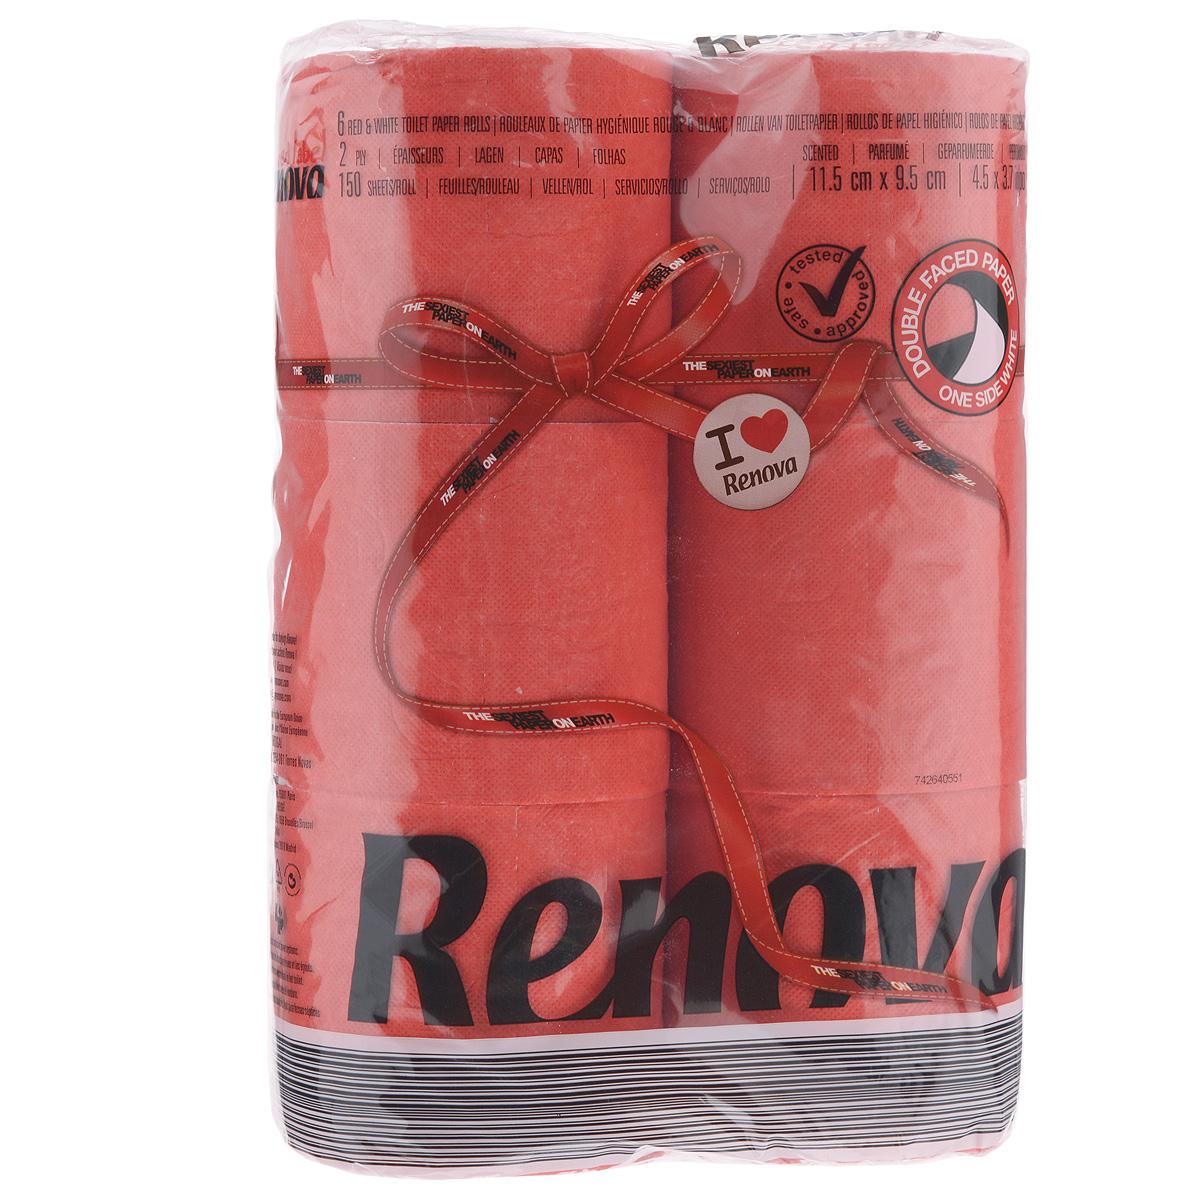 Туалетная бумага Renova, двухслойная, ароматизированная, цвет: красный, 6 рулоновKOC2028LEDТуалетная бумага Renova изготовлена по новейшей технологии из 100% ароматизированной целлюлозы, благодаря чему она имеет тонкий аромат, очень мягкая, нежная, но в тоже время прочная. Эксклюзивная двухсторонняя туалетная бумага Renova  экстрамодного цвета, придаст вашему туалету оригинальность.Состав: 100% ароматизированная целлюлоза. Количество листов: 150 шт.Количество слоев: 2.Размер листа: 11,5 см х 9,5 см.Количество рулонов: 6 шт.Португальская компания Renova является ведущим разработчиком новейших технологий производства, нового стиля и направления на рынке гигиенической продукции. Современный дизайн и высочайшее качество, дерматологический контроль - это то, что выделяет компанию Renova среди других производителей бумажной санитарно-гигиенической продукции.